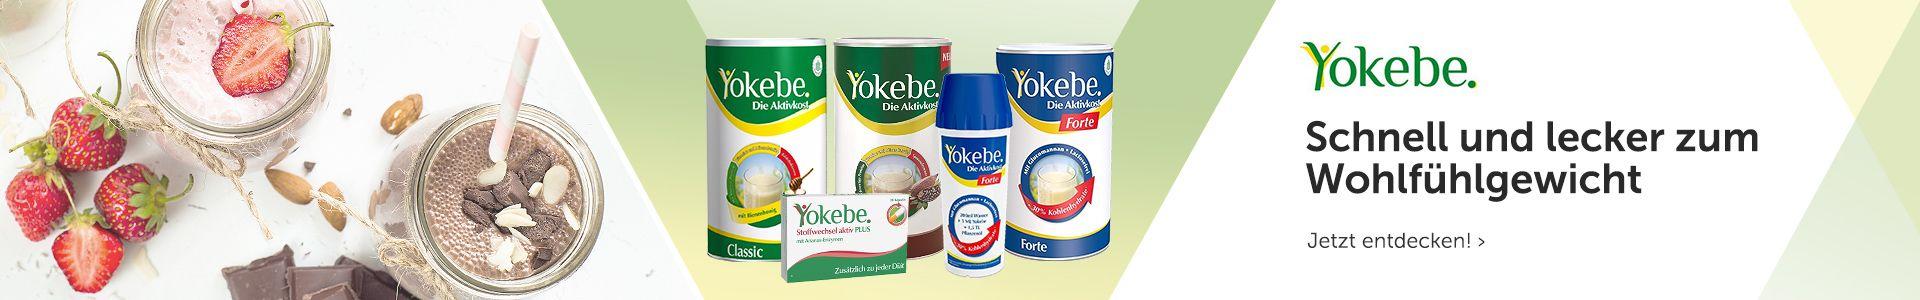 Schnell und lecker zum Wohlfühlgewicht mit Yokebe